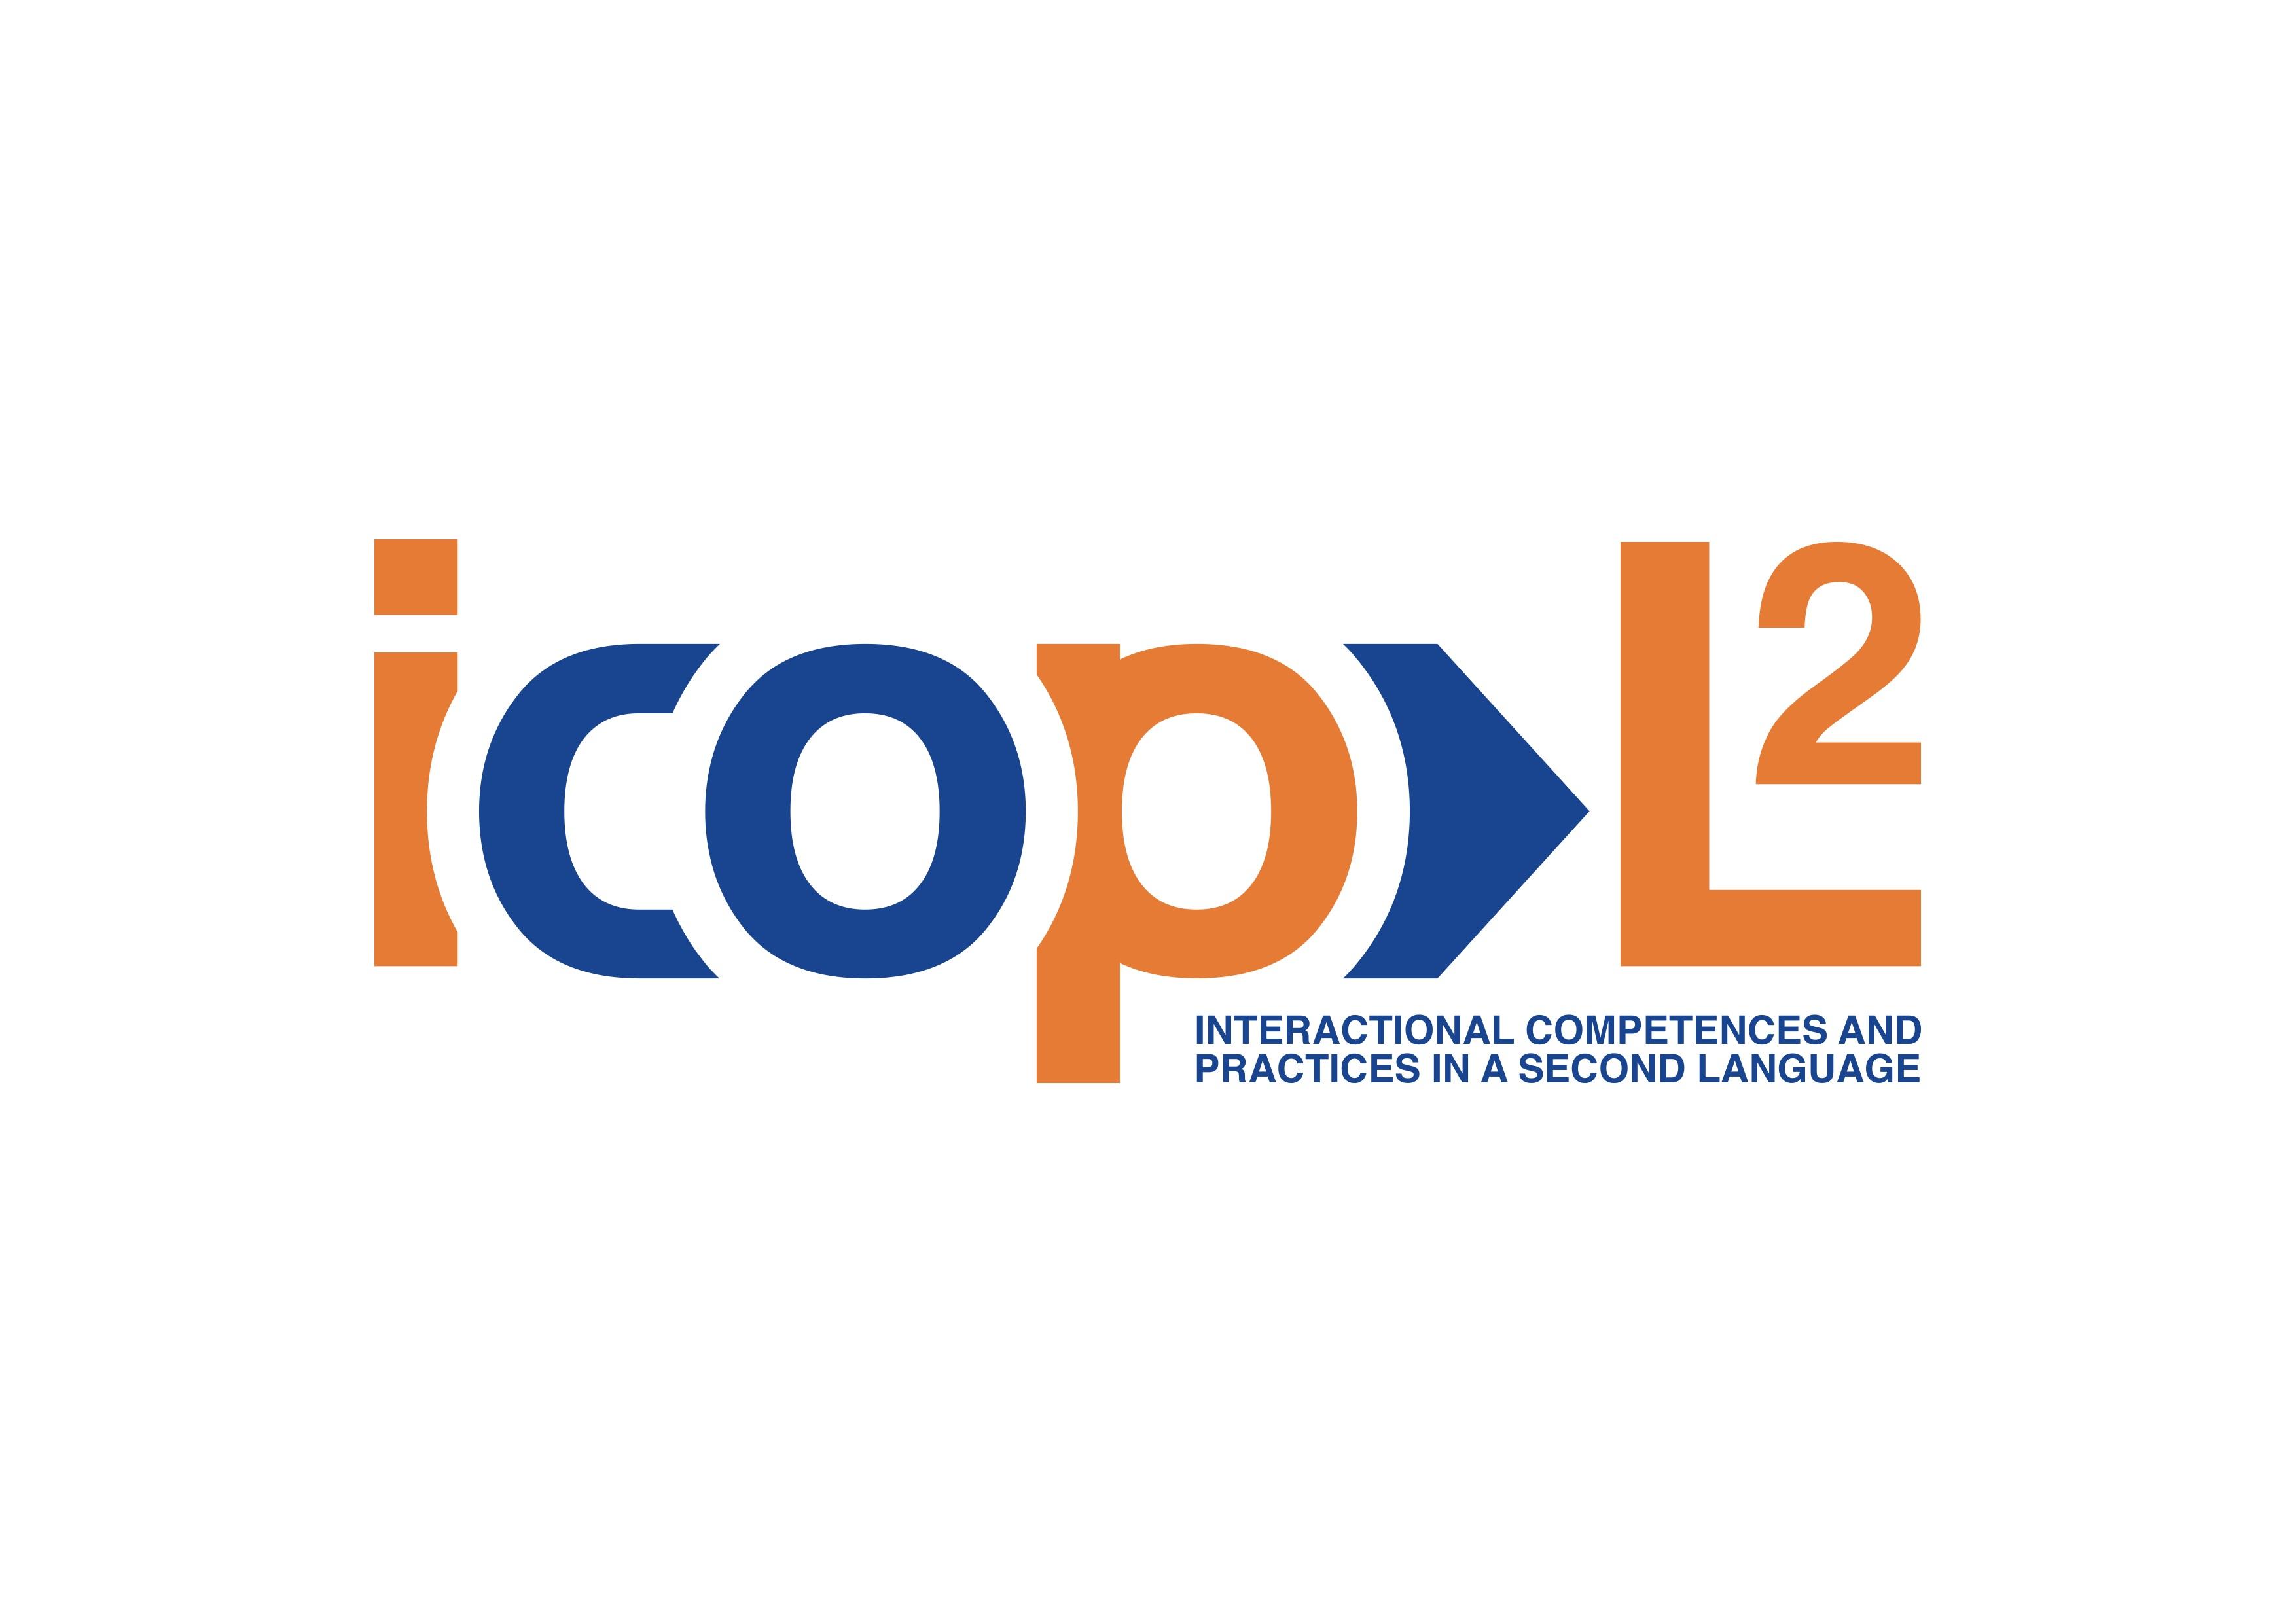 icop-l2-logo-color-01